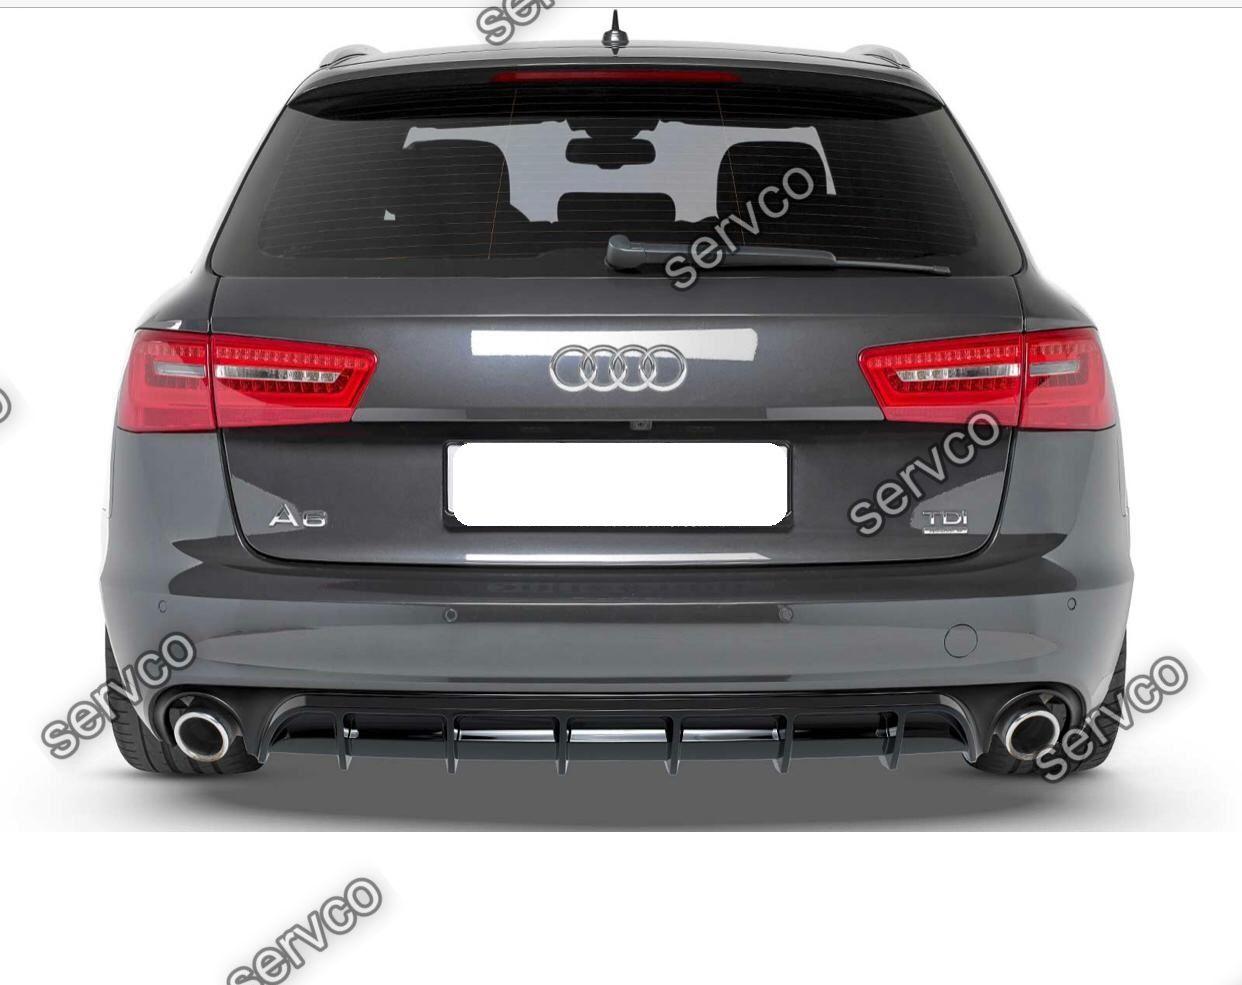 Difuzor tuning sport bara spate Audi A6 C7 2012-2015 v7